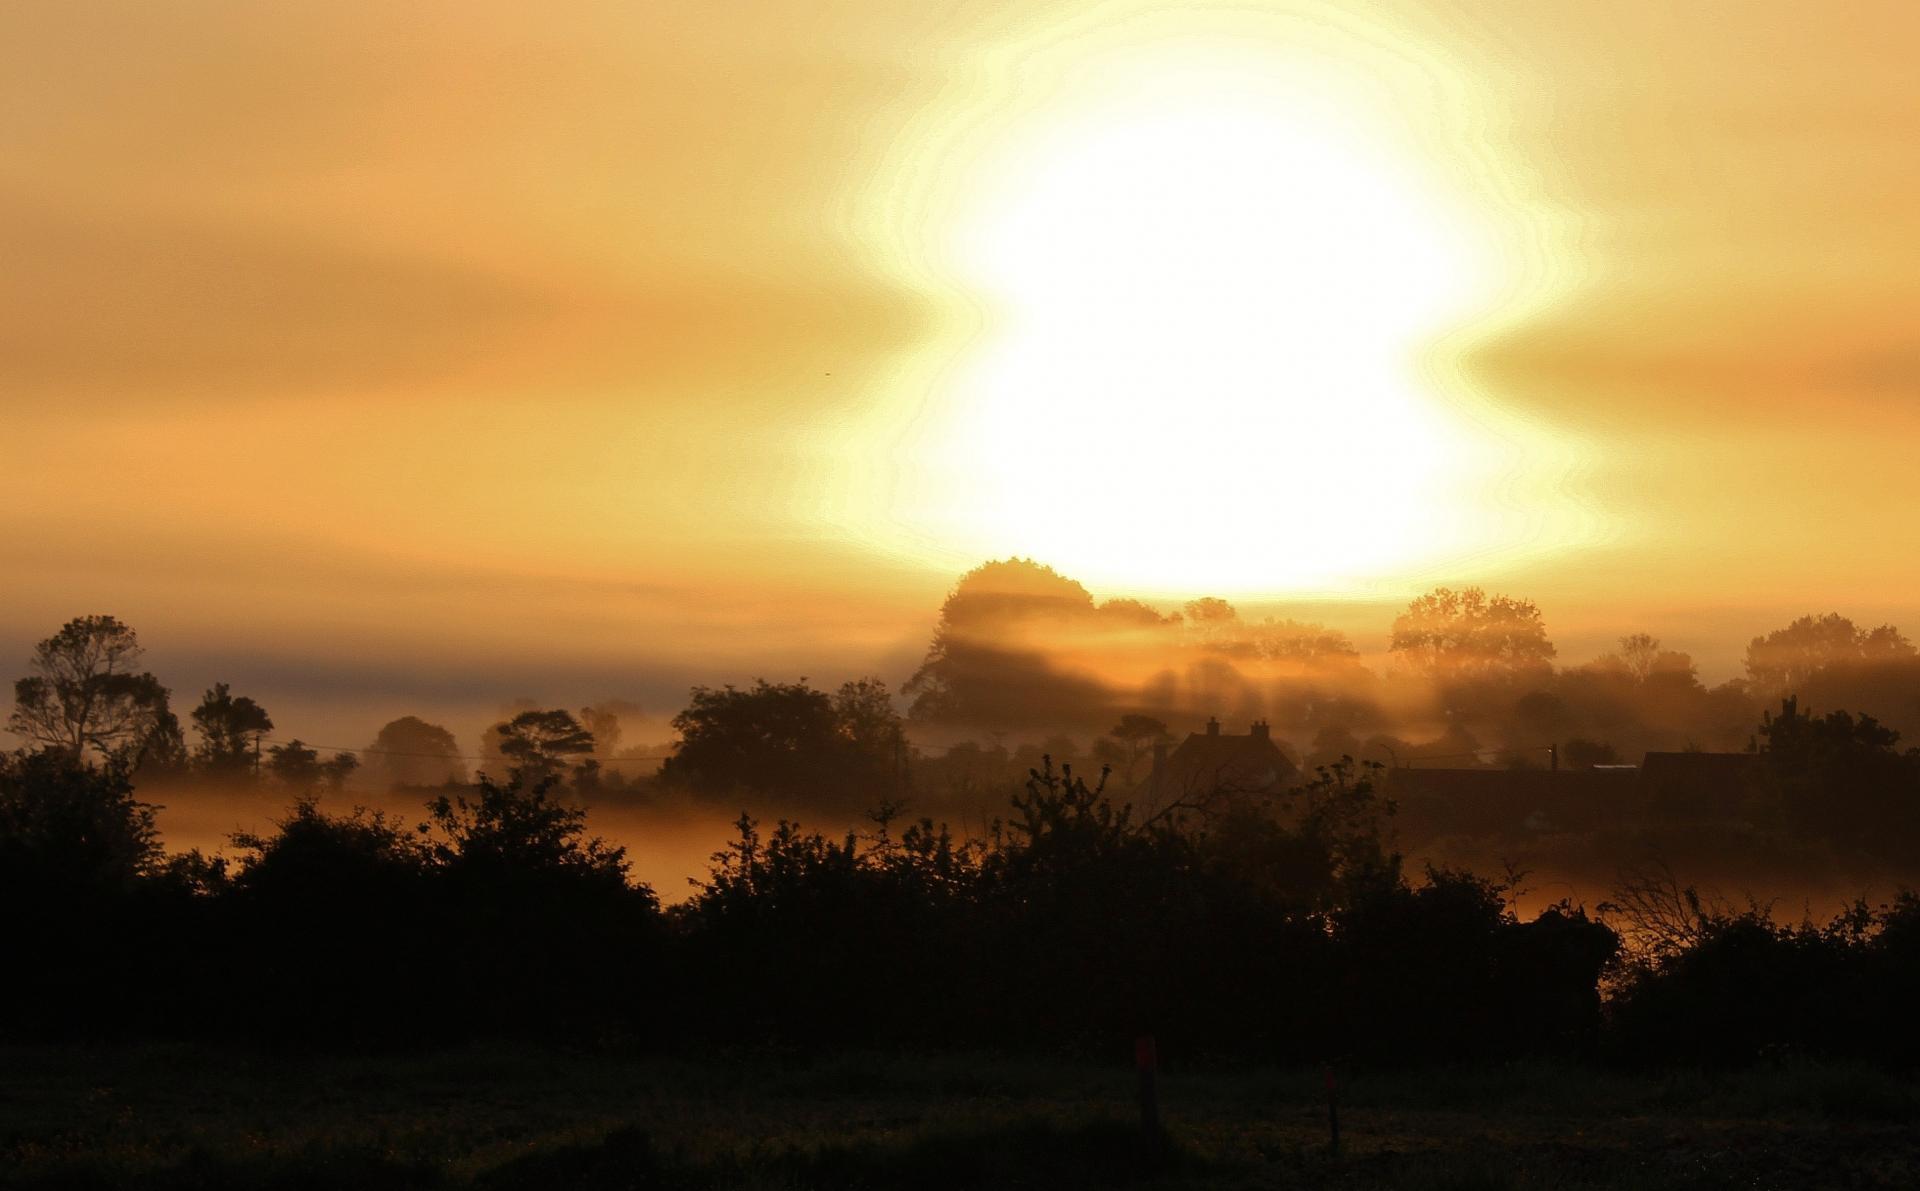 Conteville les boulogne top photo lever de soleil et brume